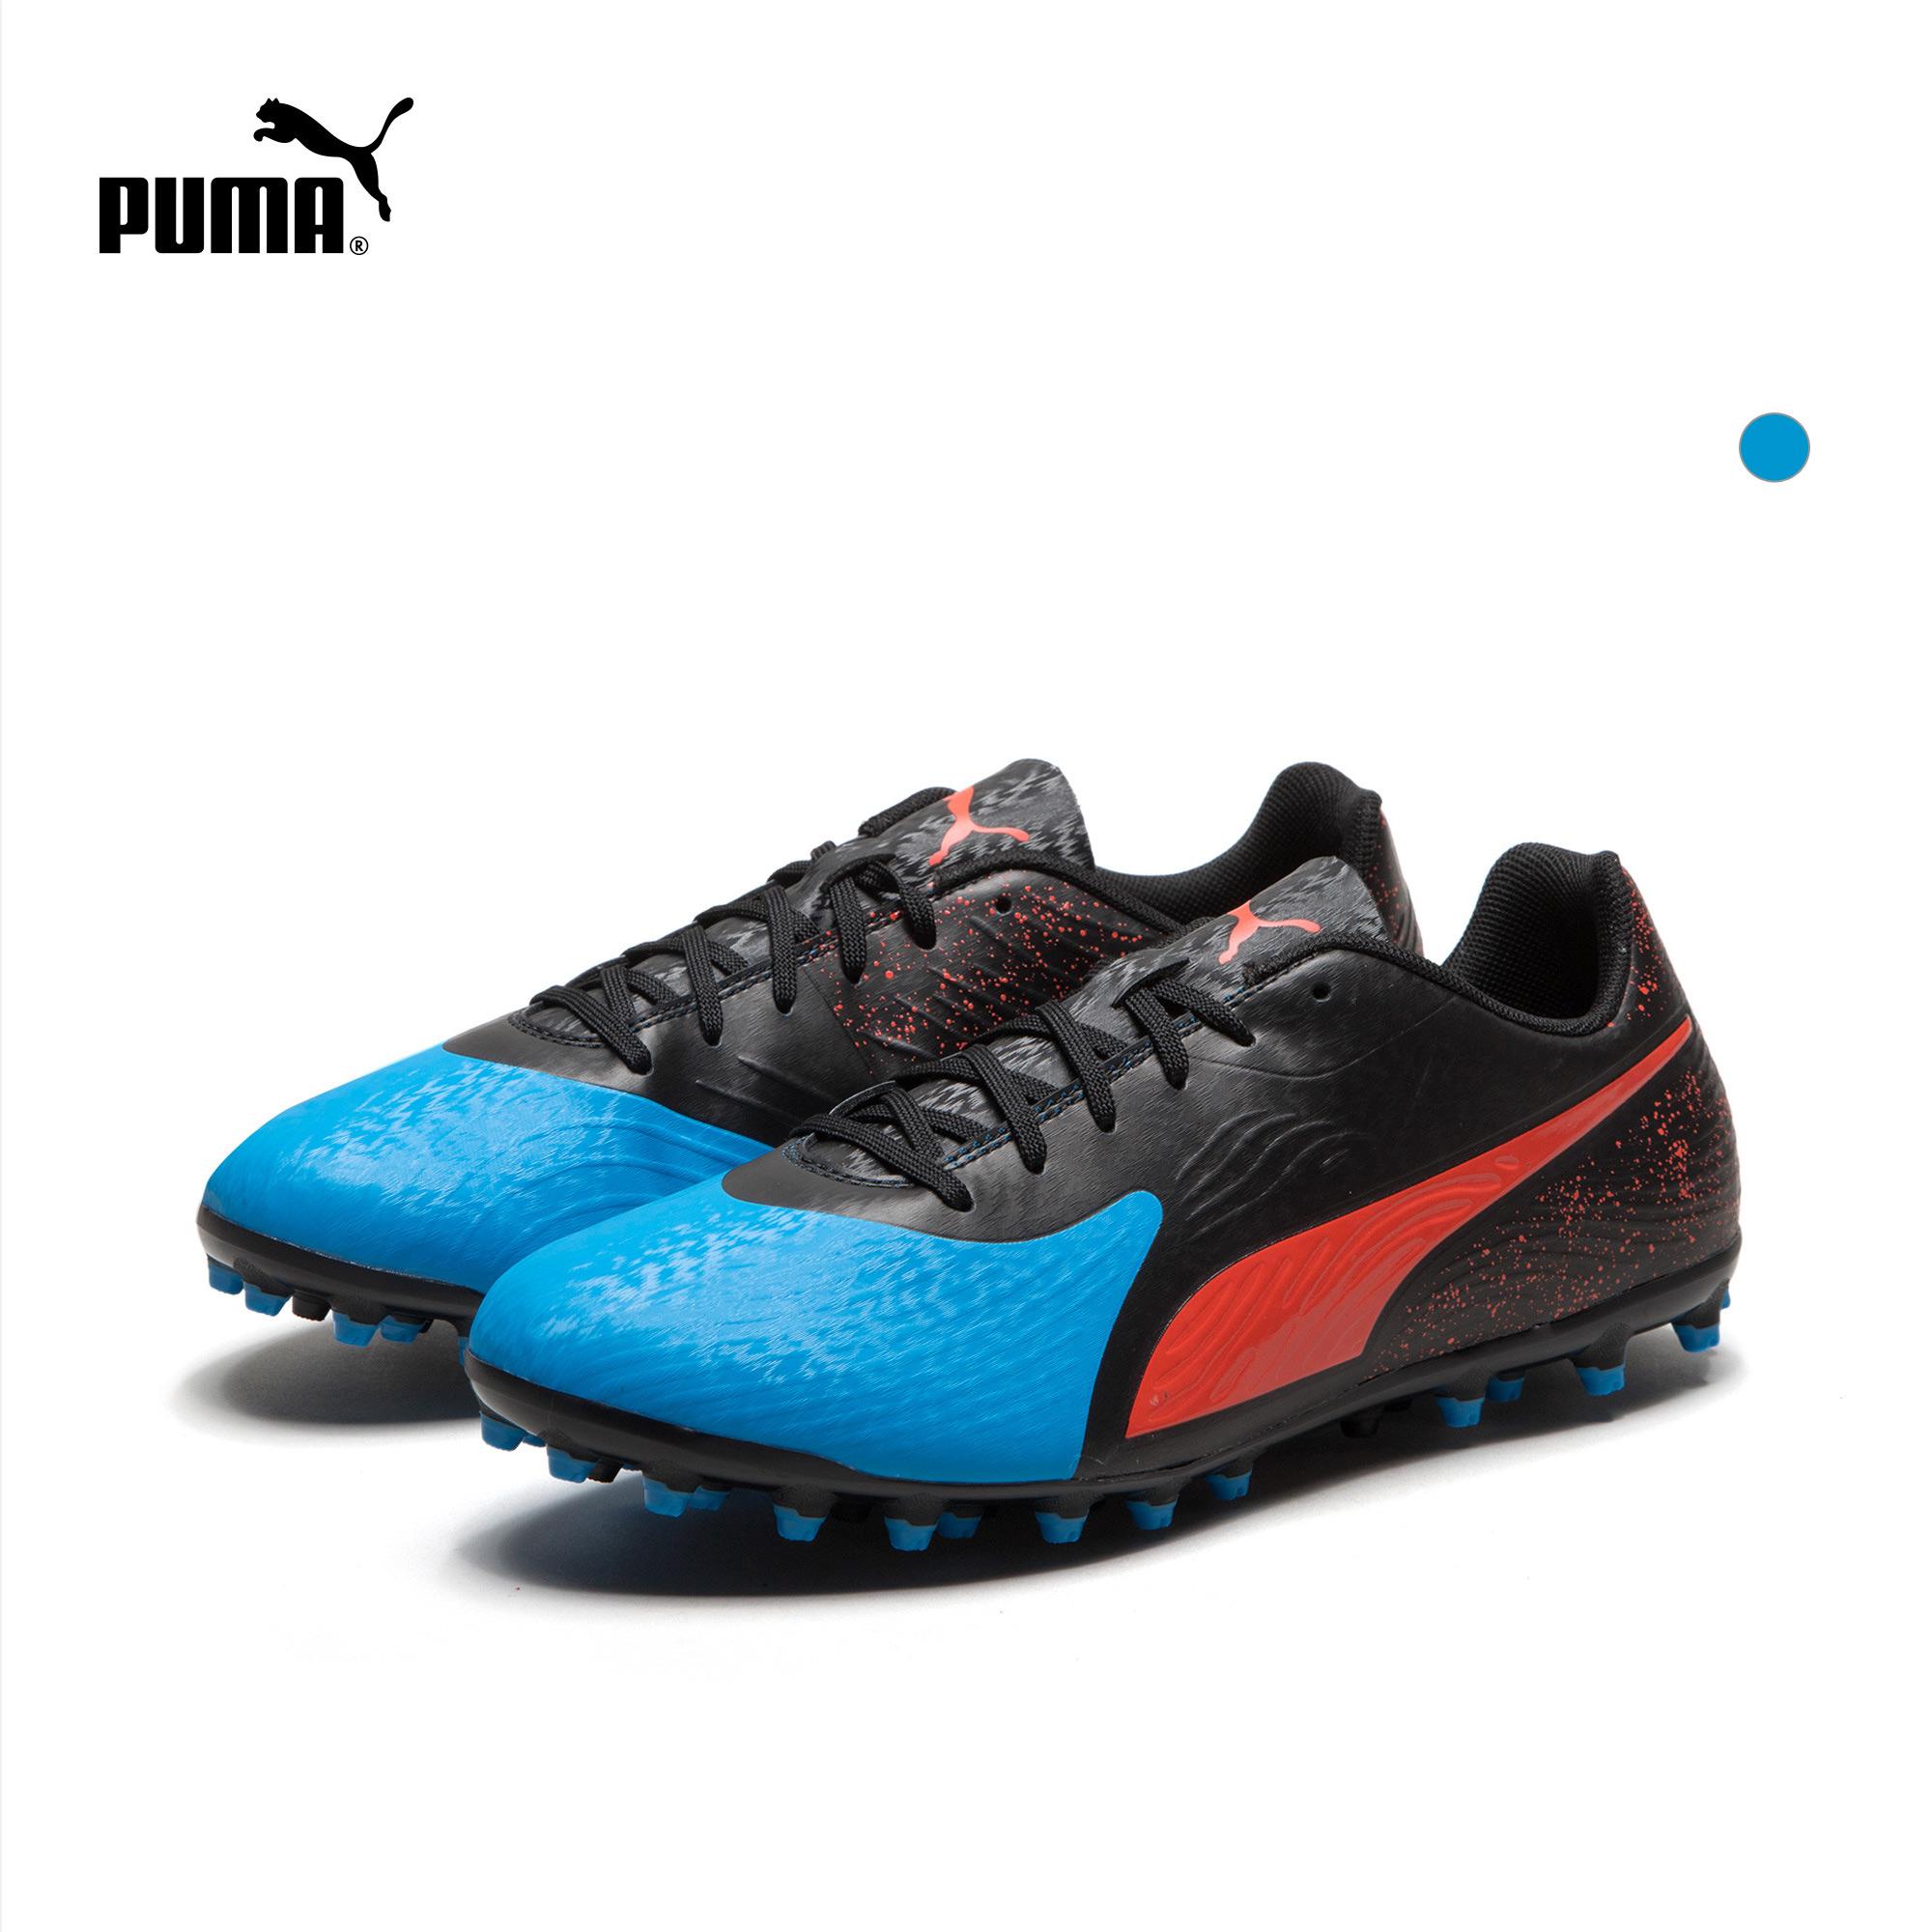 puma官方正品男子足球鞋满100元可用30元优惠券